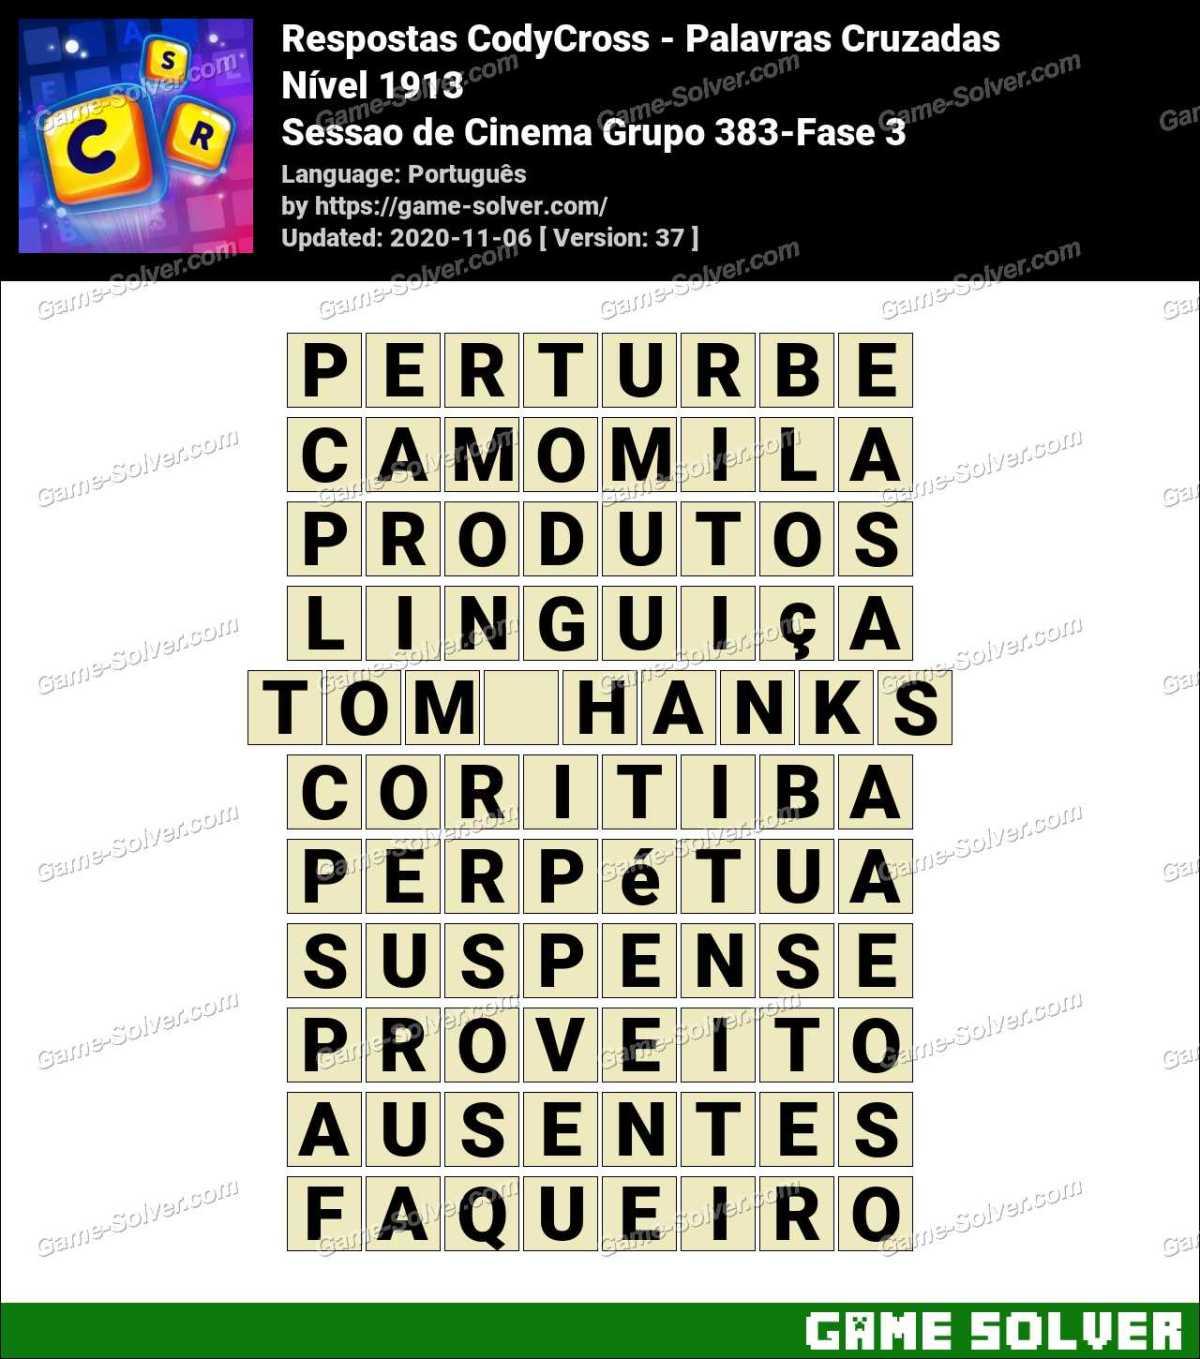 Respostas CodyCross Sessao de Cinema Grupo 383-Fase 3